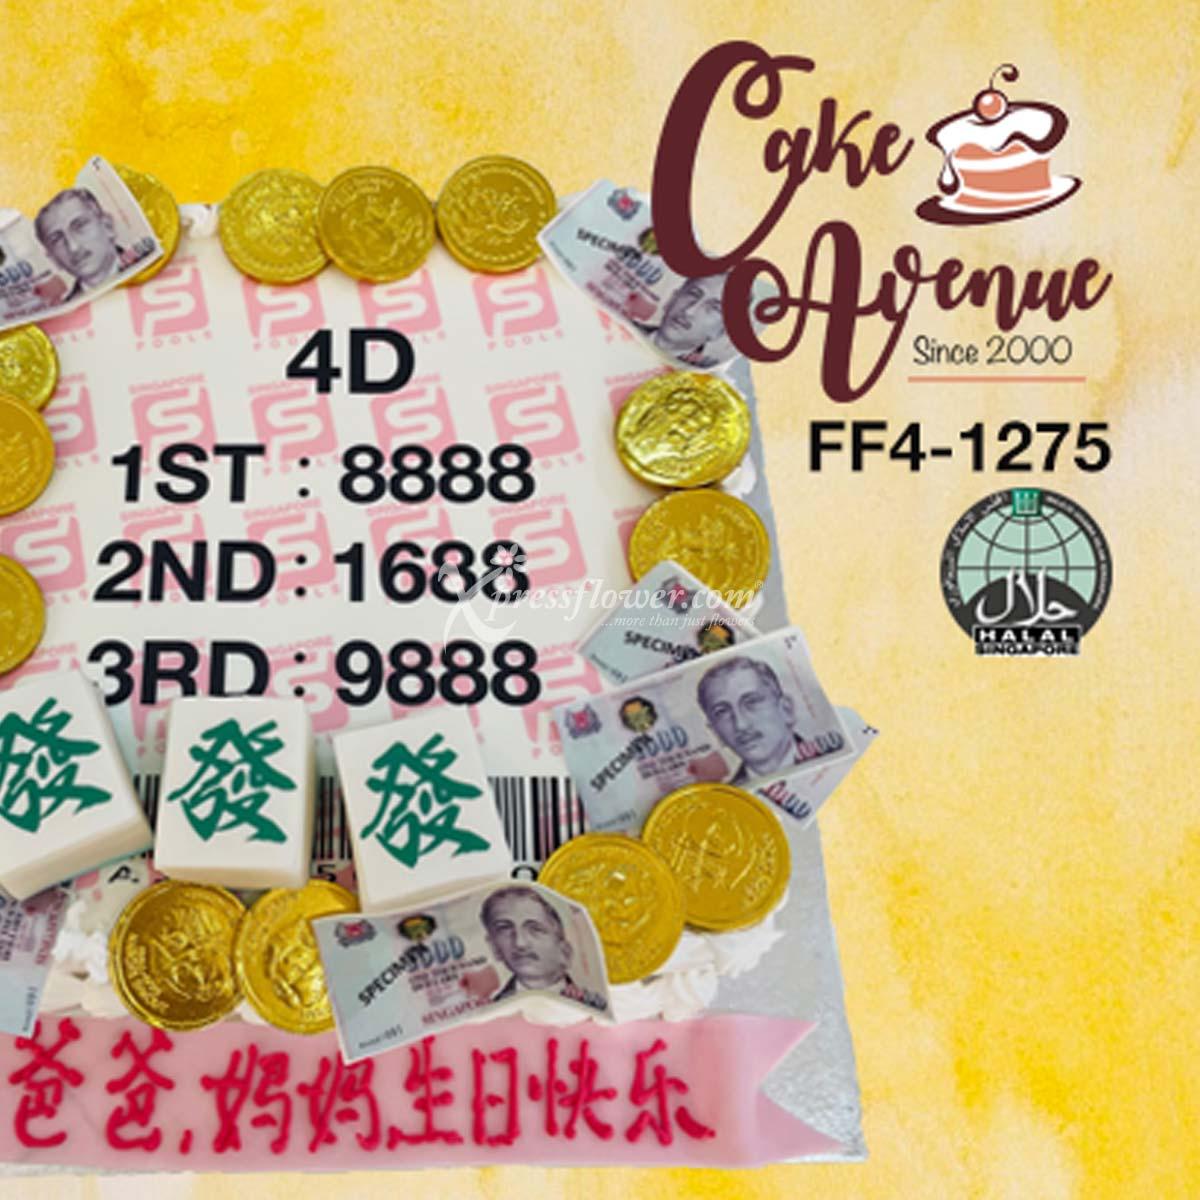 4D Ticket (Cake Avenue)